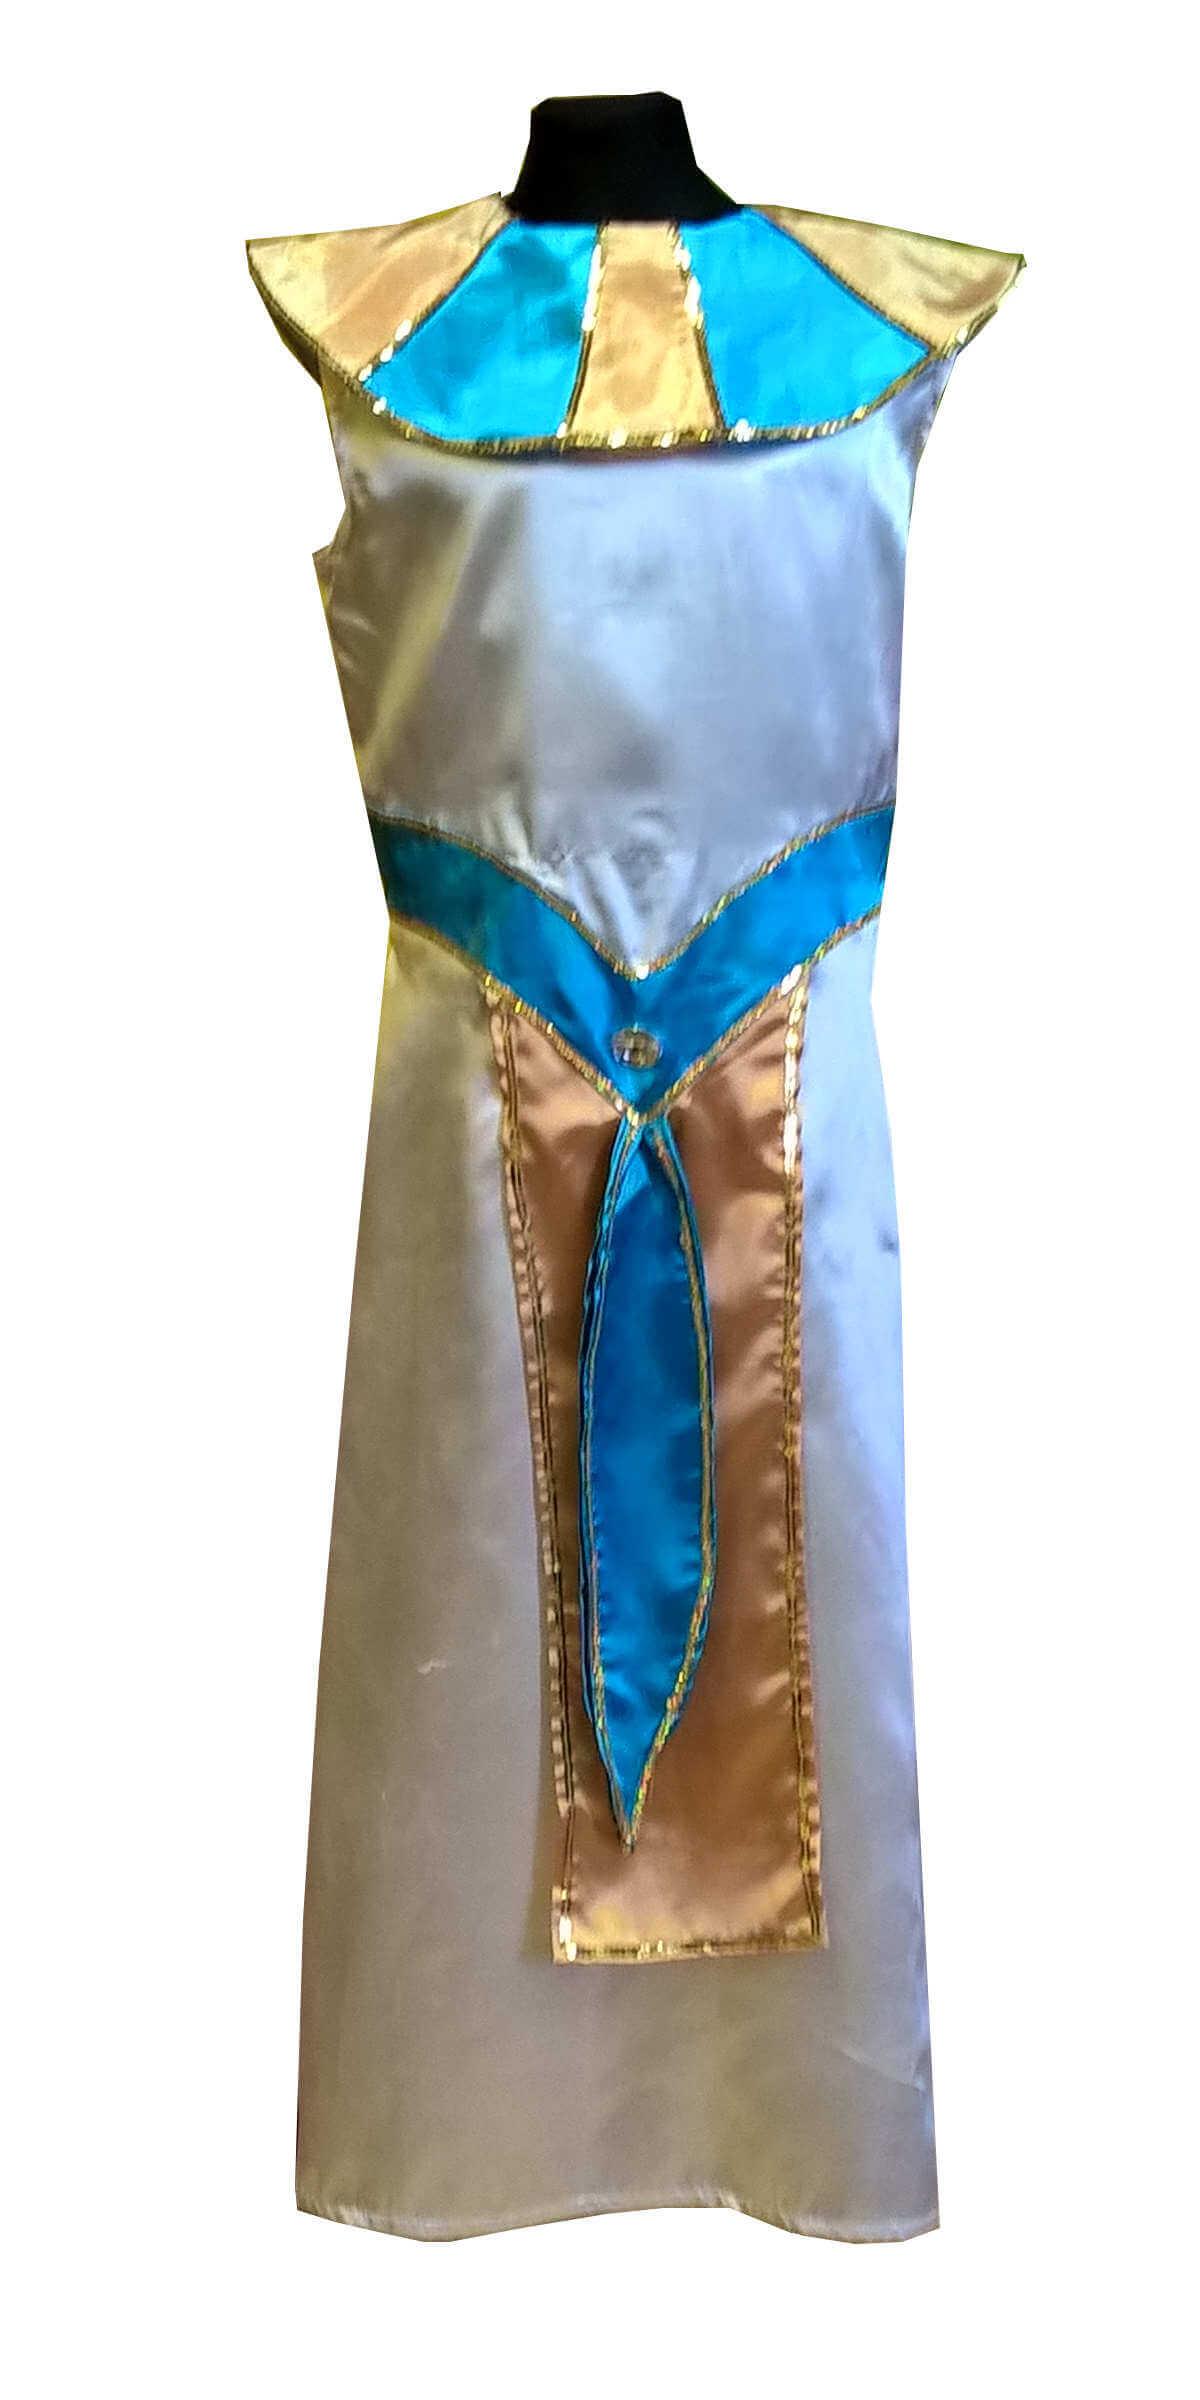 прокат детских карнавальных костюмов. костюм клеопатра. египетский костюм для девочки.  kostiumas mergaitei. Karnavaliniu kostiumu nuoma vaikams Vilniuje - pasakunamai.lt